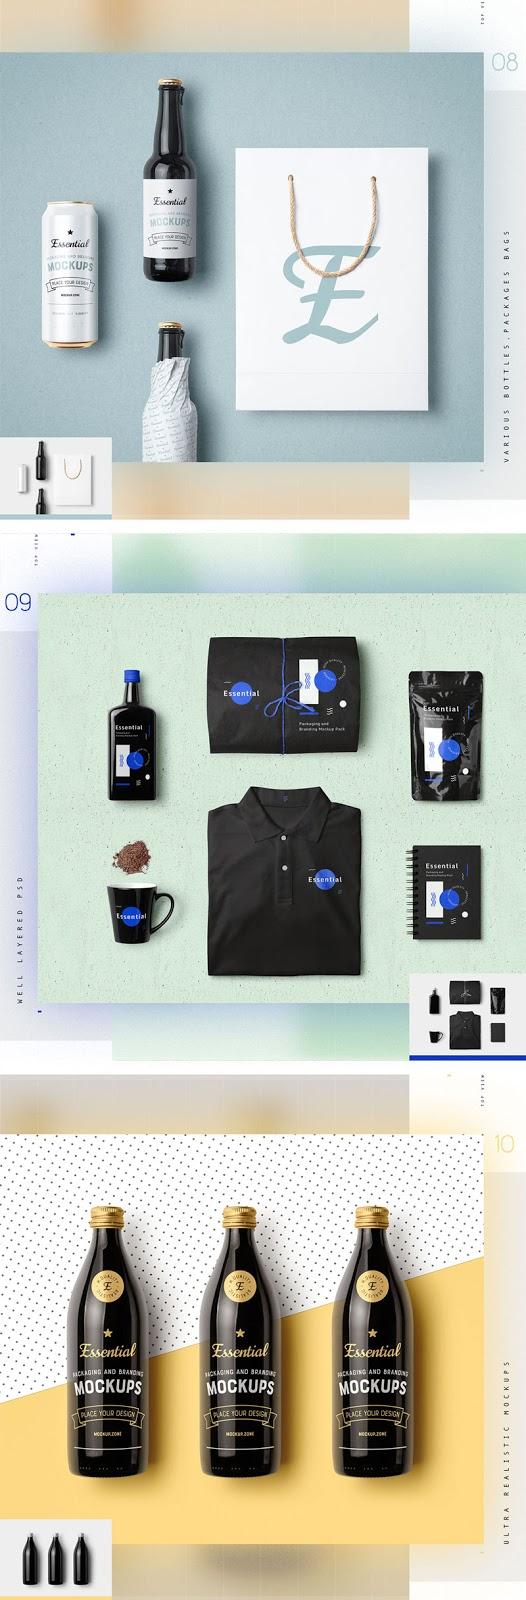 Essential Packaging Branding Mockup 1351937 4